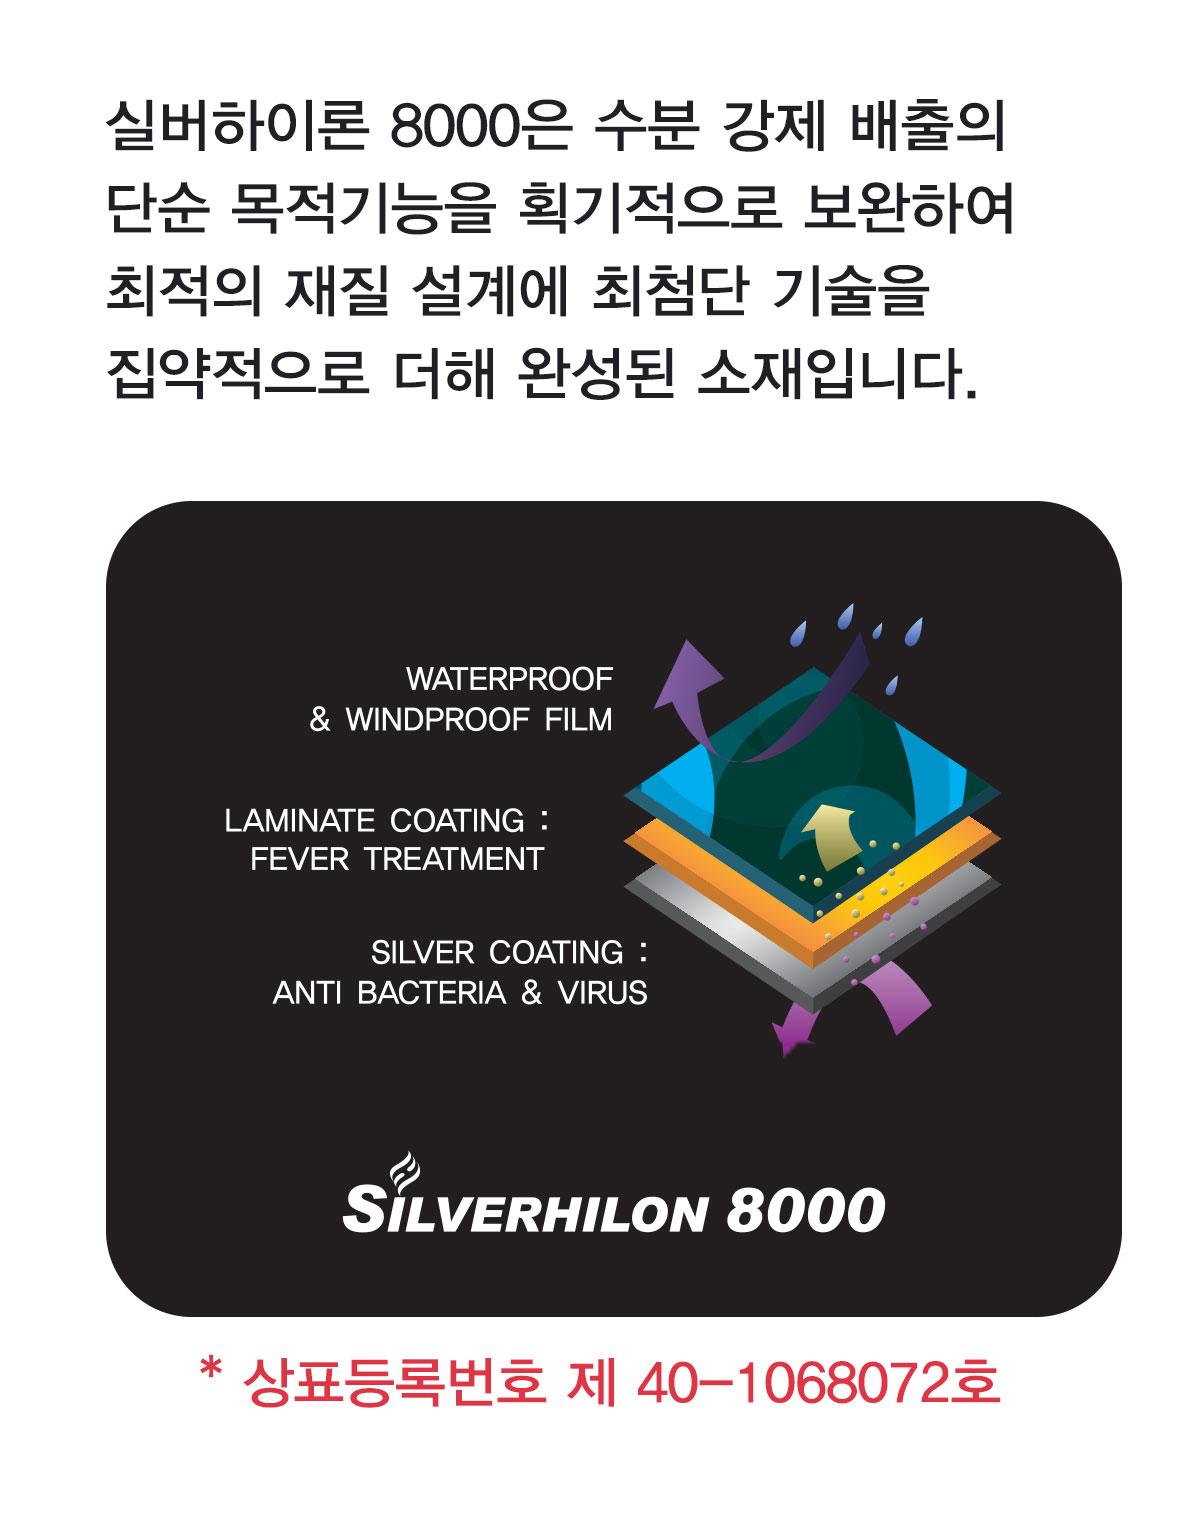 실버하이론 8000은 수분 강제 배출의 단순 목적기능을 획기적으로 보완하여 최적의 재질 설계에 최첨단 기술을 집약적으로 더해 완성된 소재입니다. *상표등록번호 제 40-1068072호